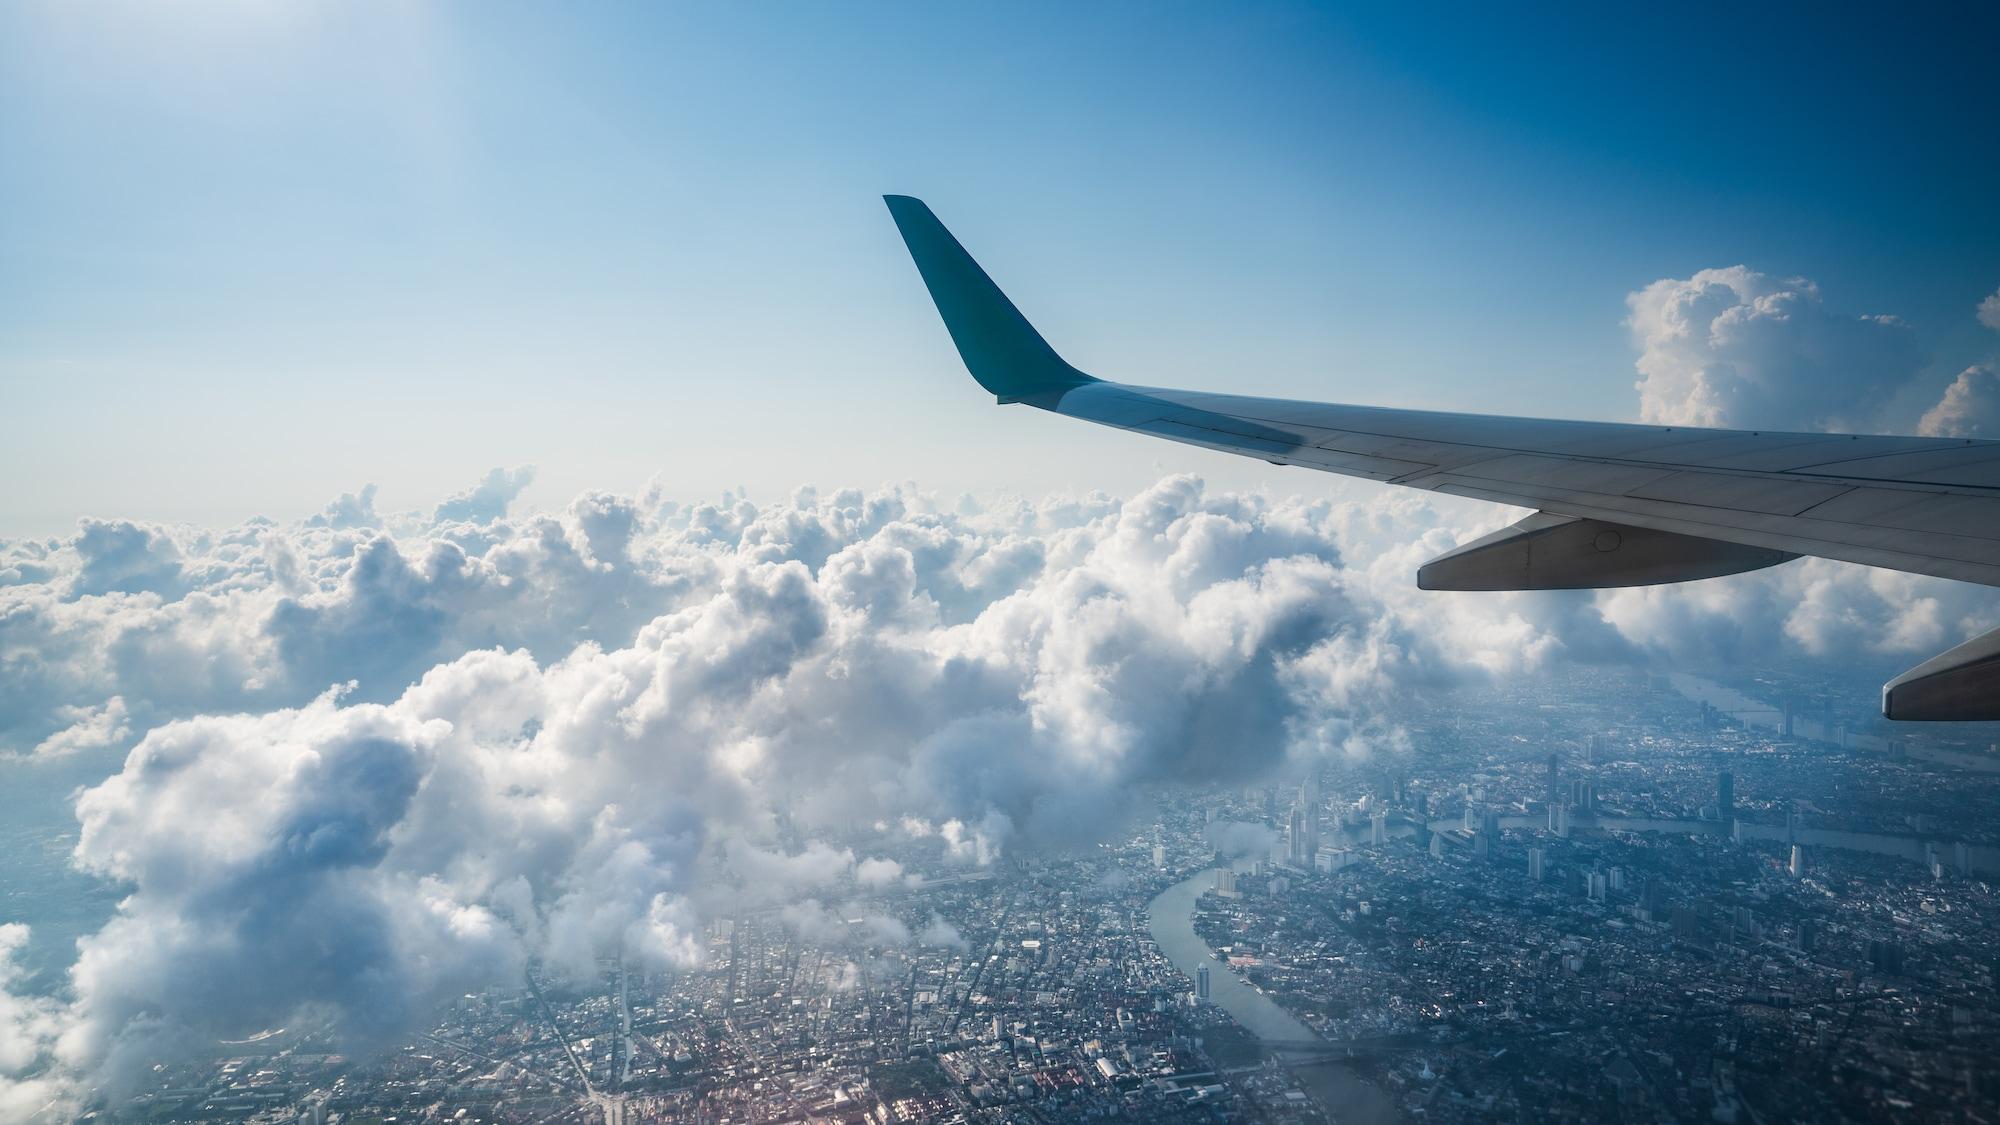 Reisen mit Budget: Mit diesen Tipps sparen Sie in den Ferien Geld